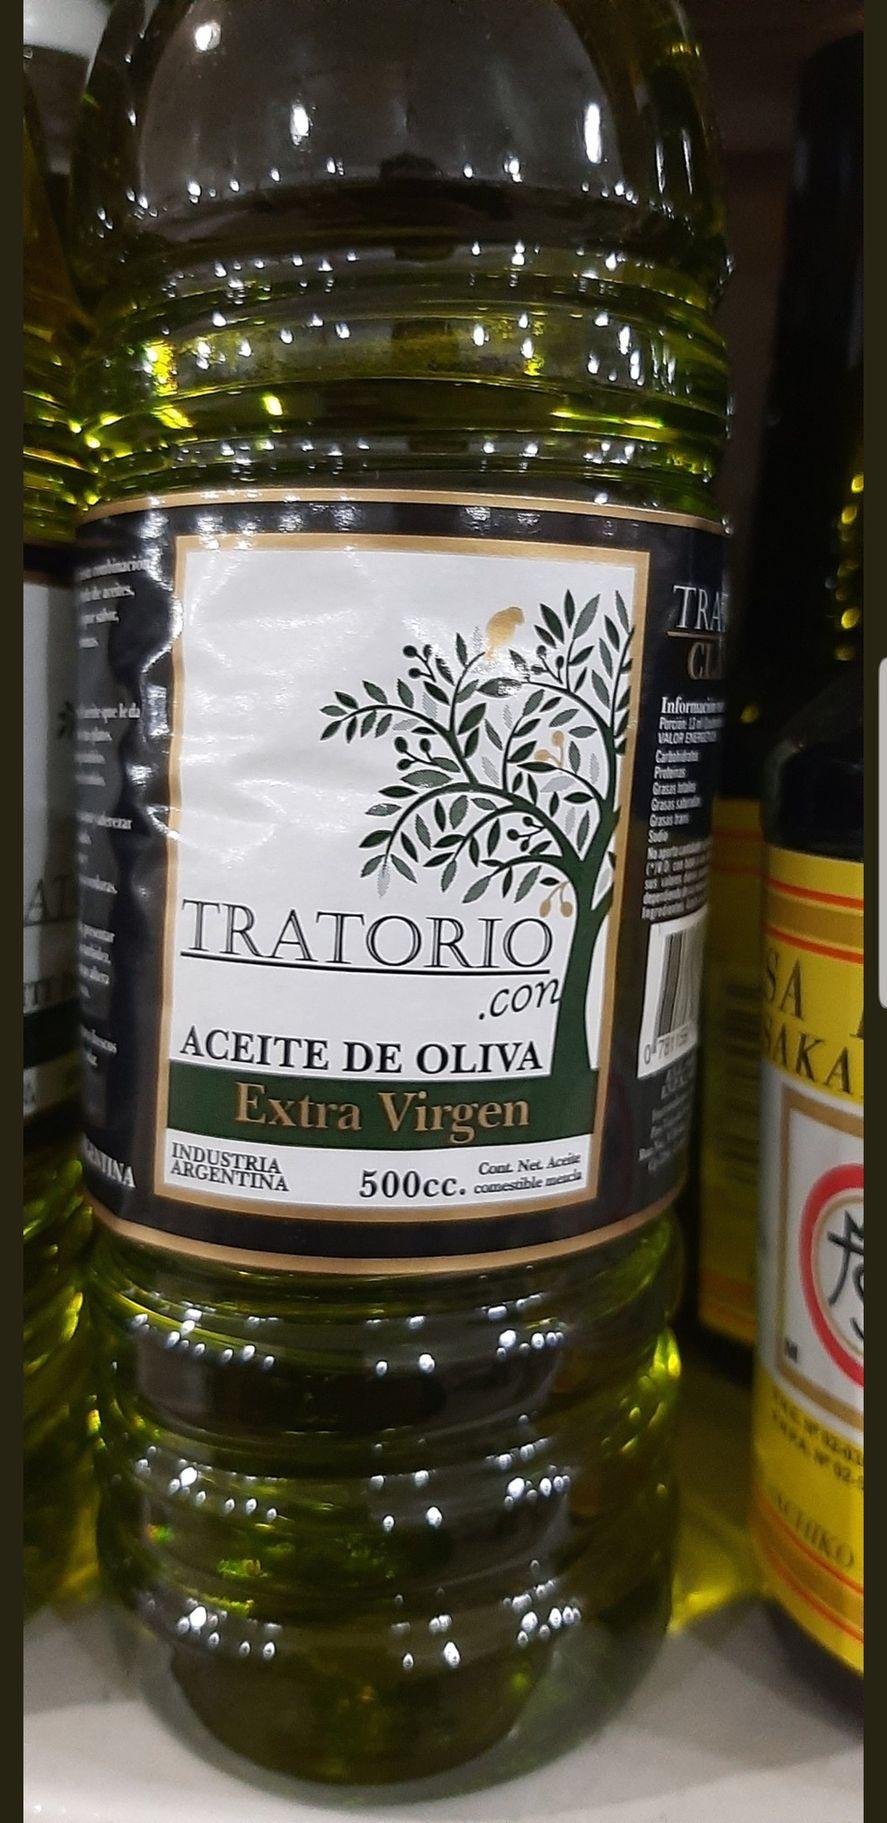 La etiqueta del producto parece ofrecer aceite de oliva extra virgen pero la palabra con